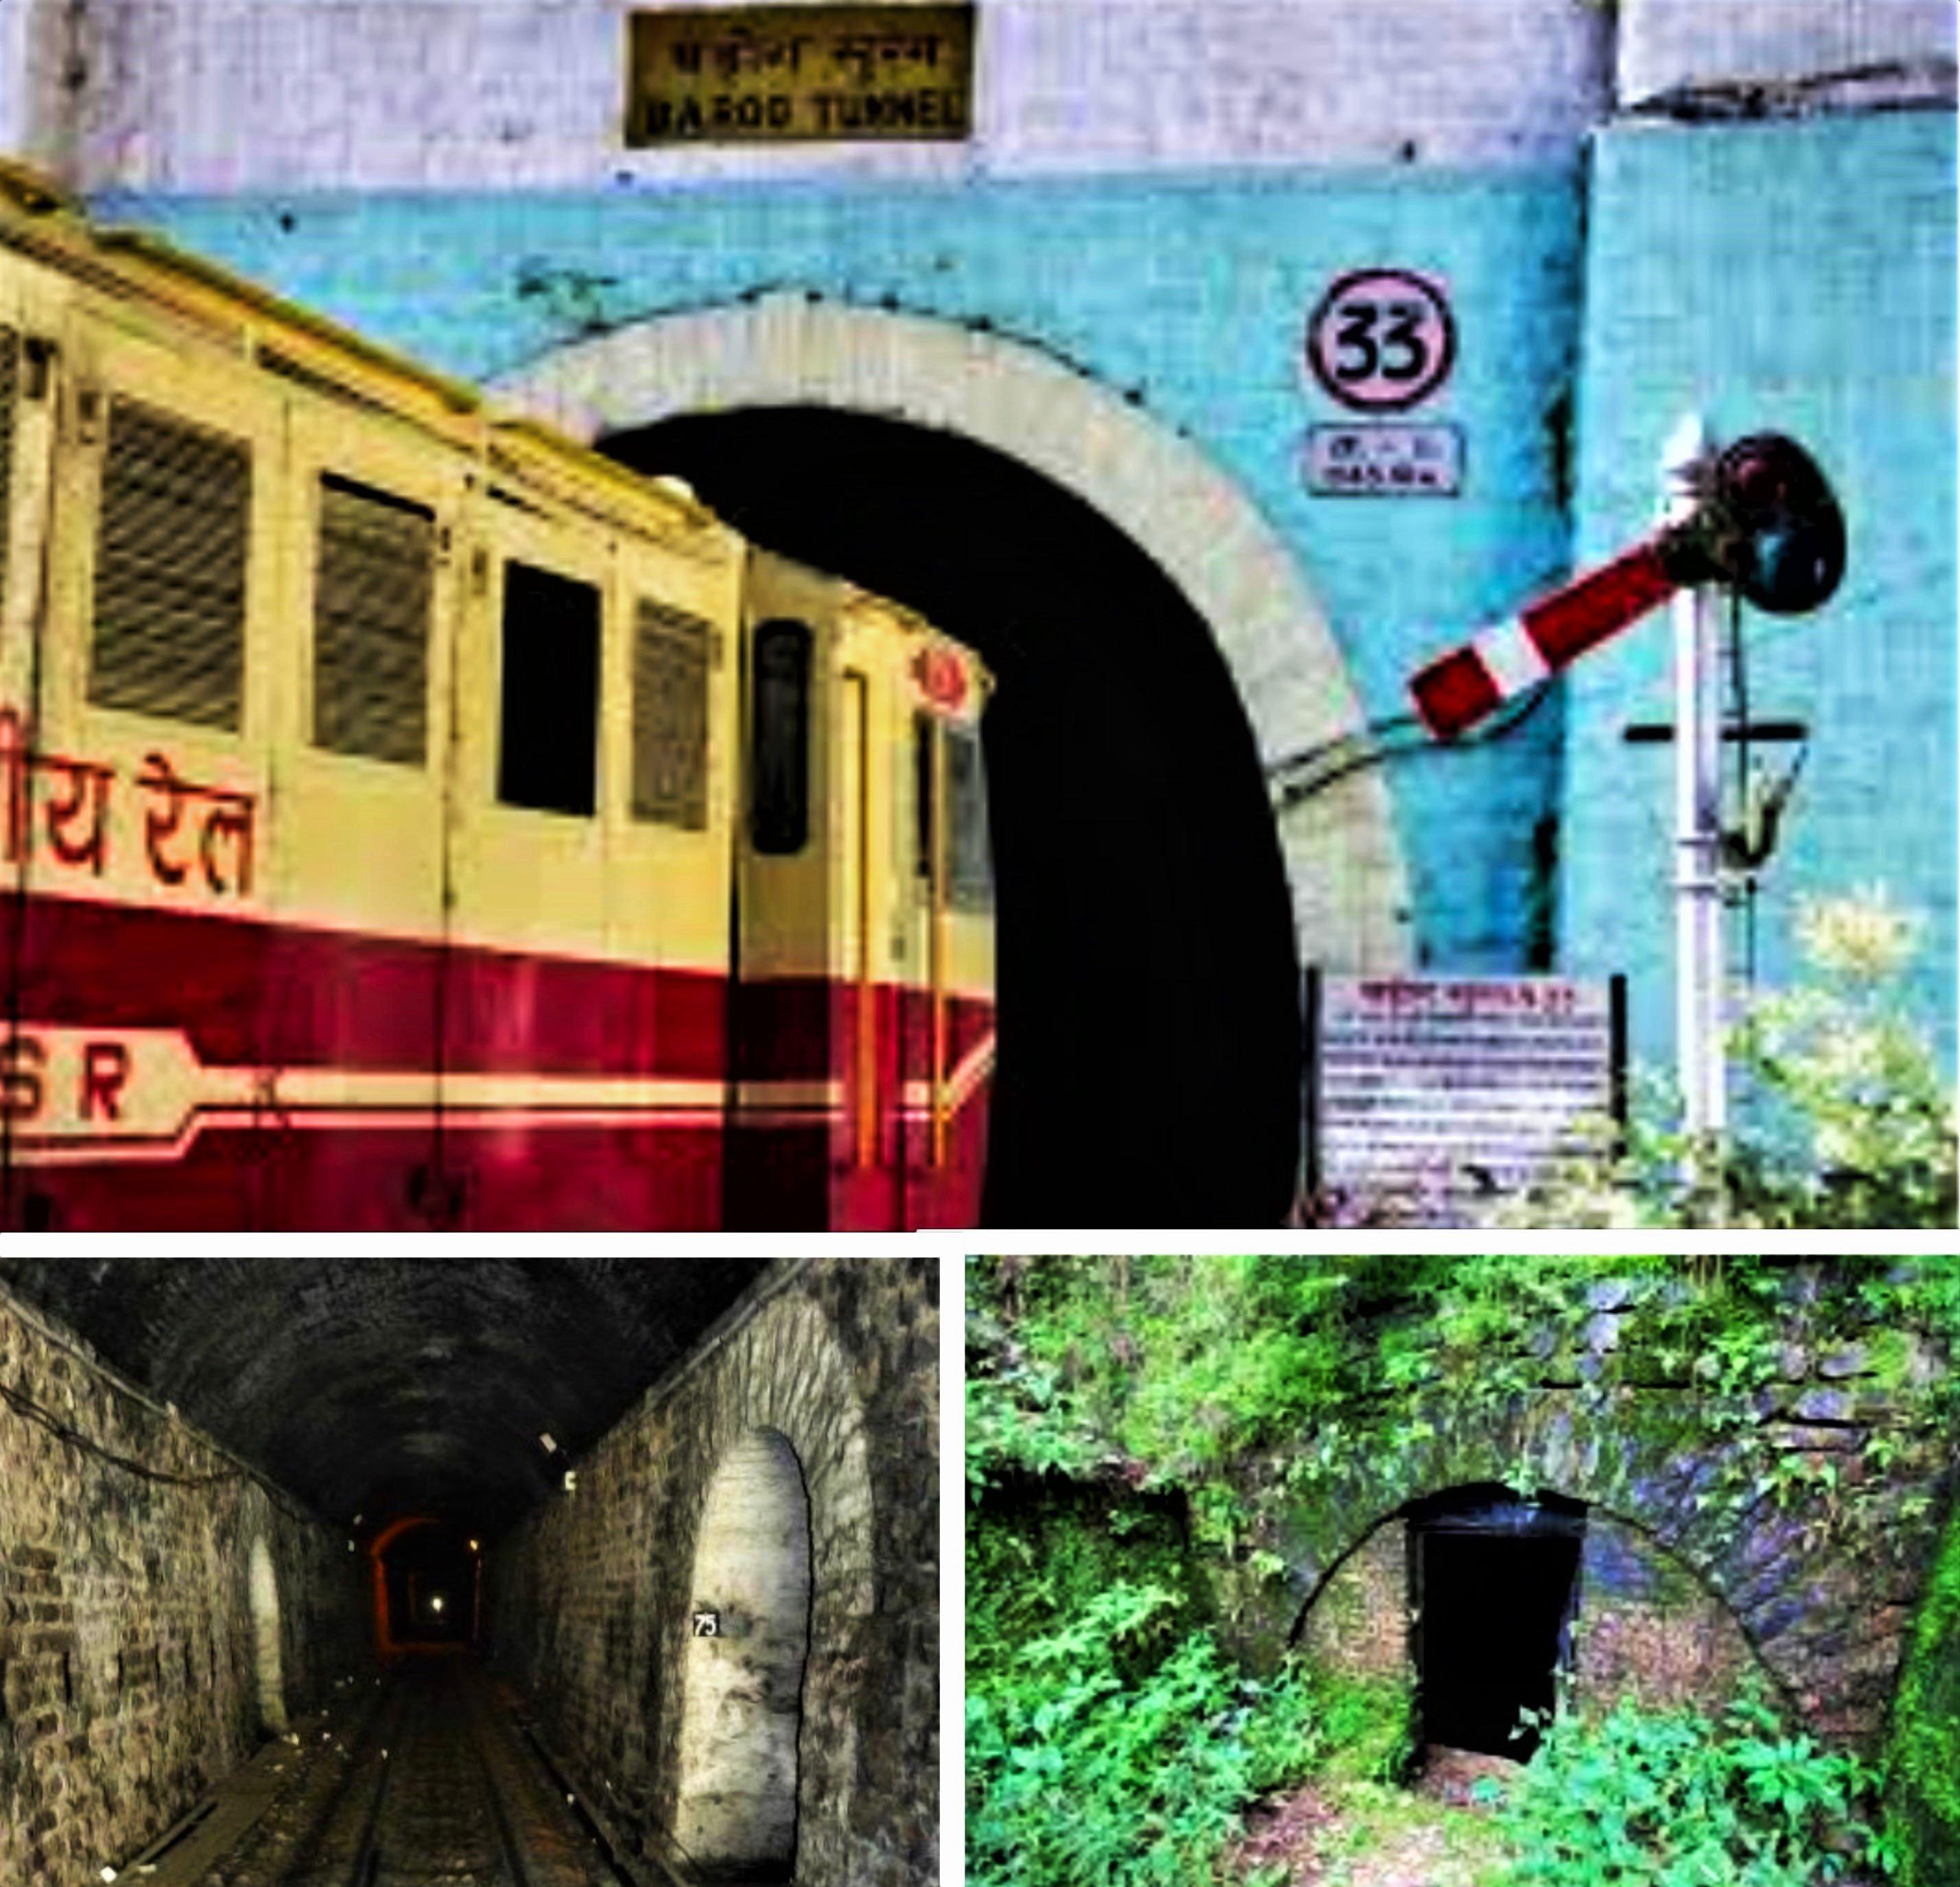 Barog Tunnel